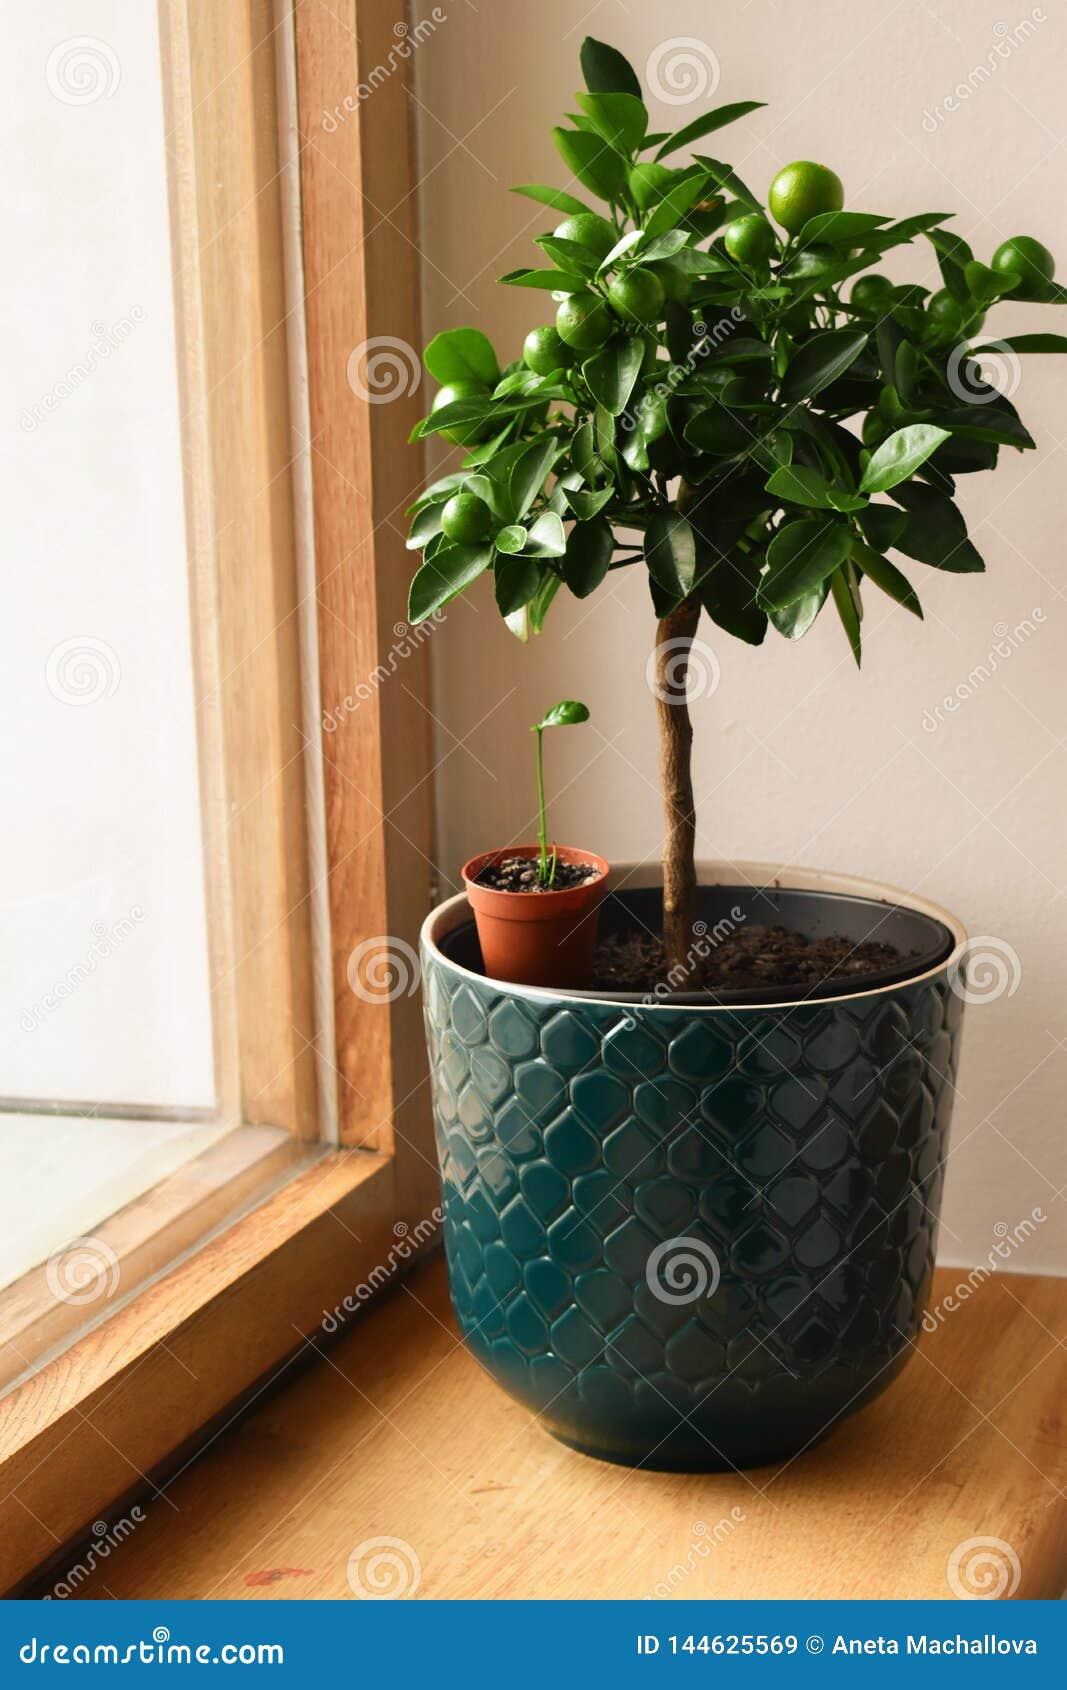 Houseplantsvertoning Diverse huisinstallaties of binneninstallaties Keuken, het tuinieren